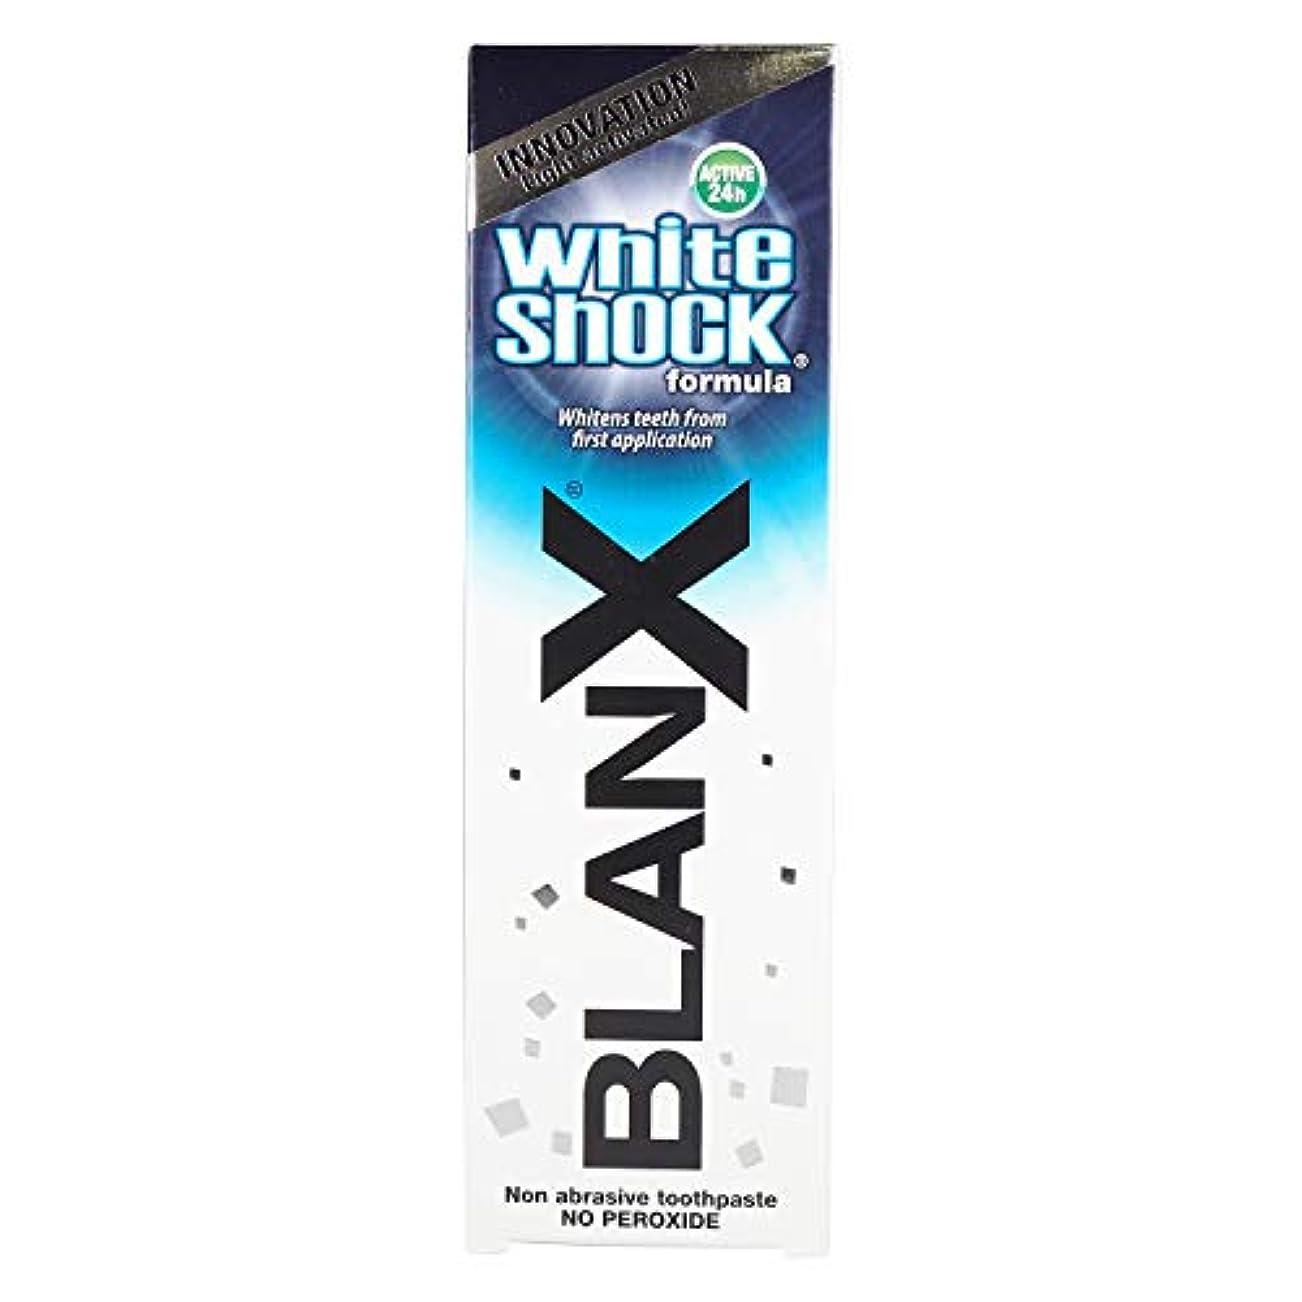 クックマチュピチュ実施するブランクス ホワイトショック 92g